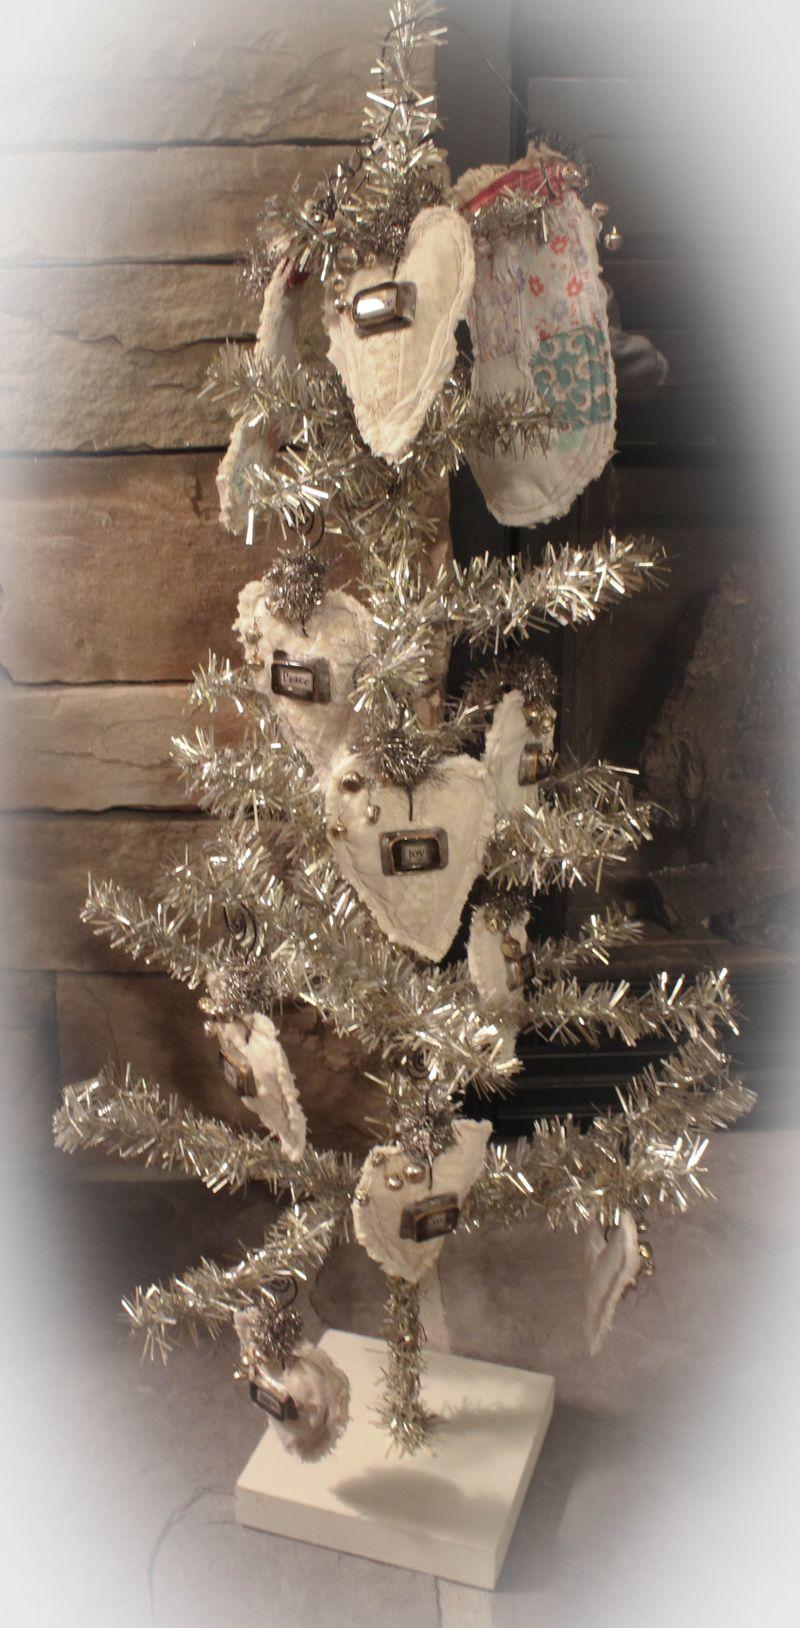 Christmas ornies group 2